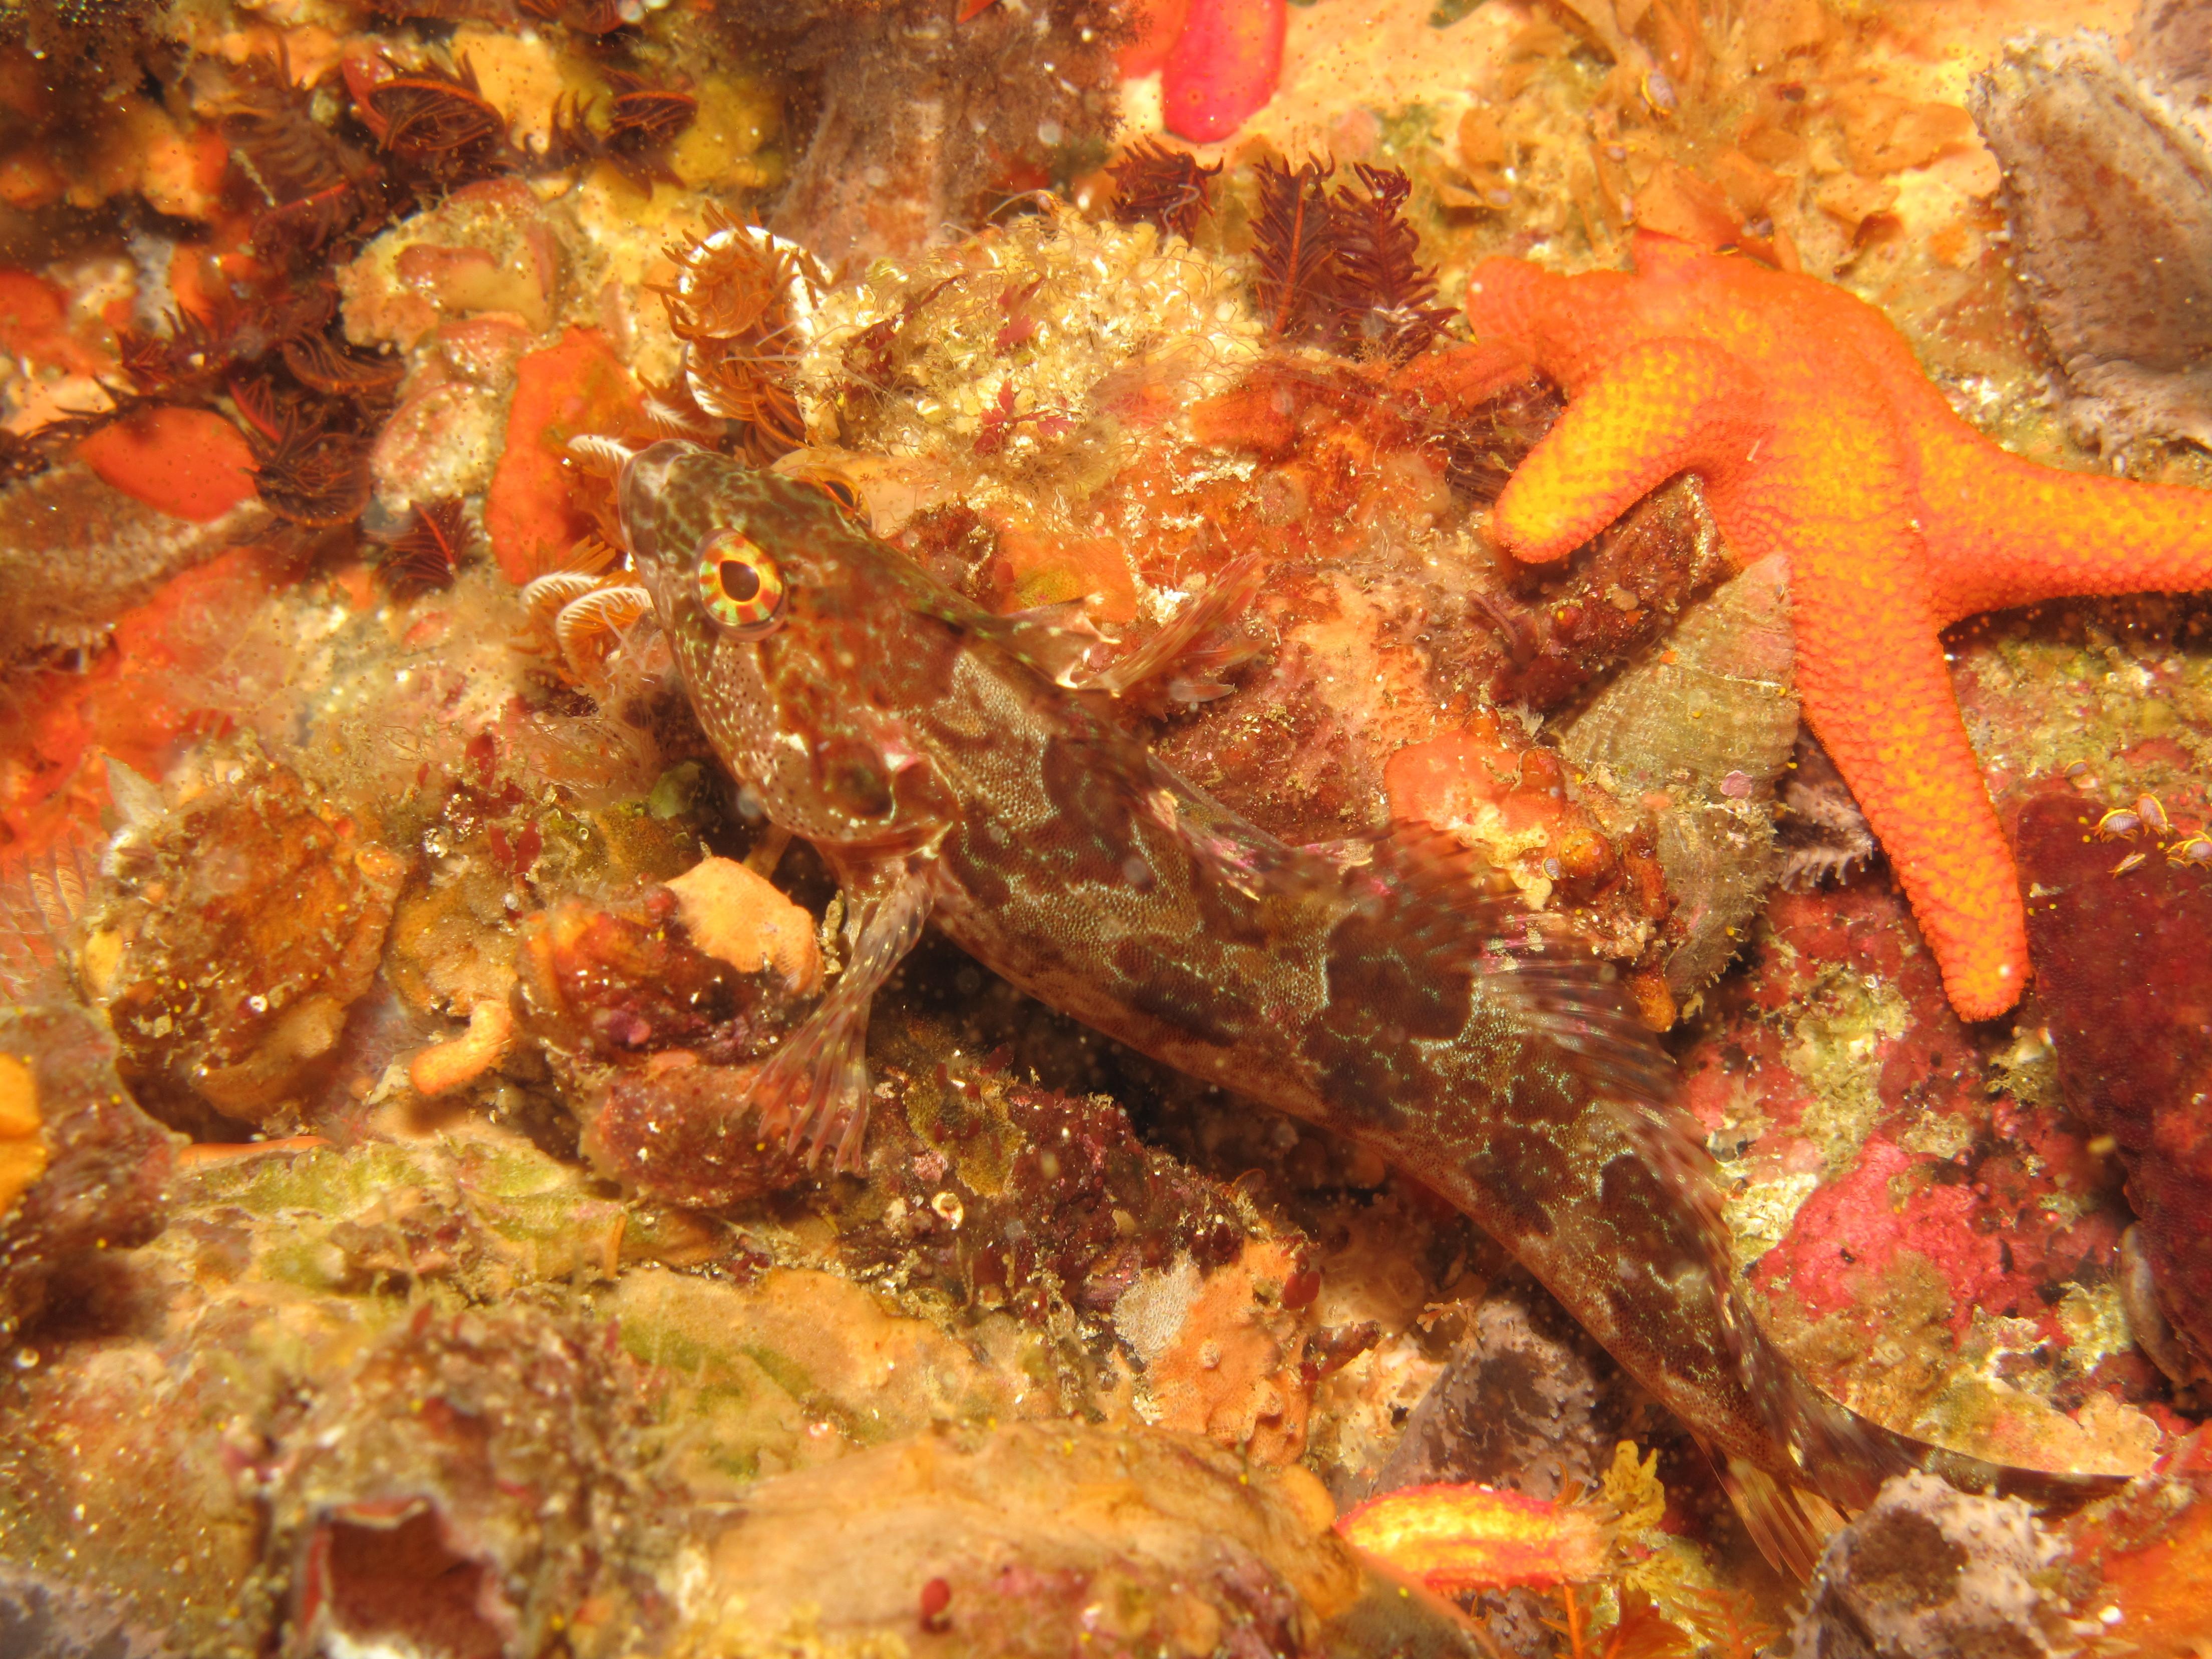 Image of Agile klipfish